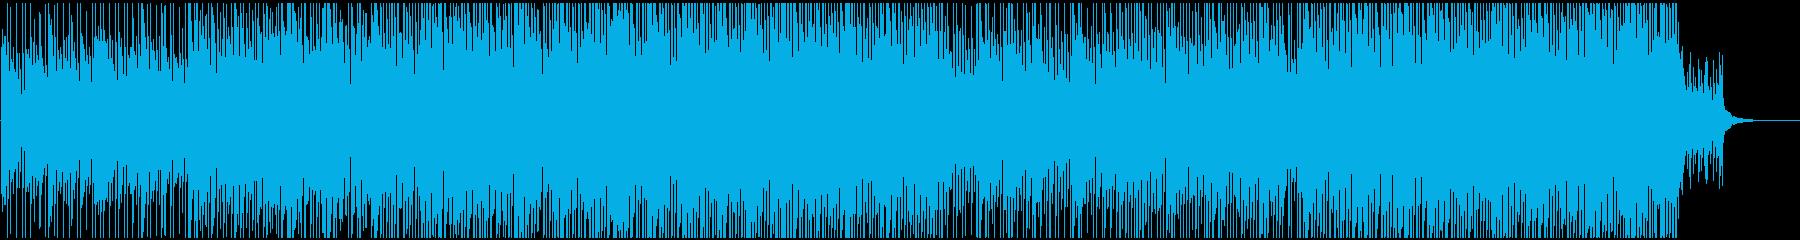 ポップ感動映像に ピアノとギターで爽やかの再生済みの波形